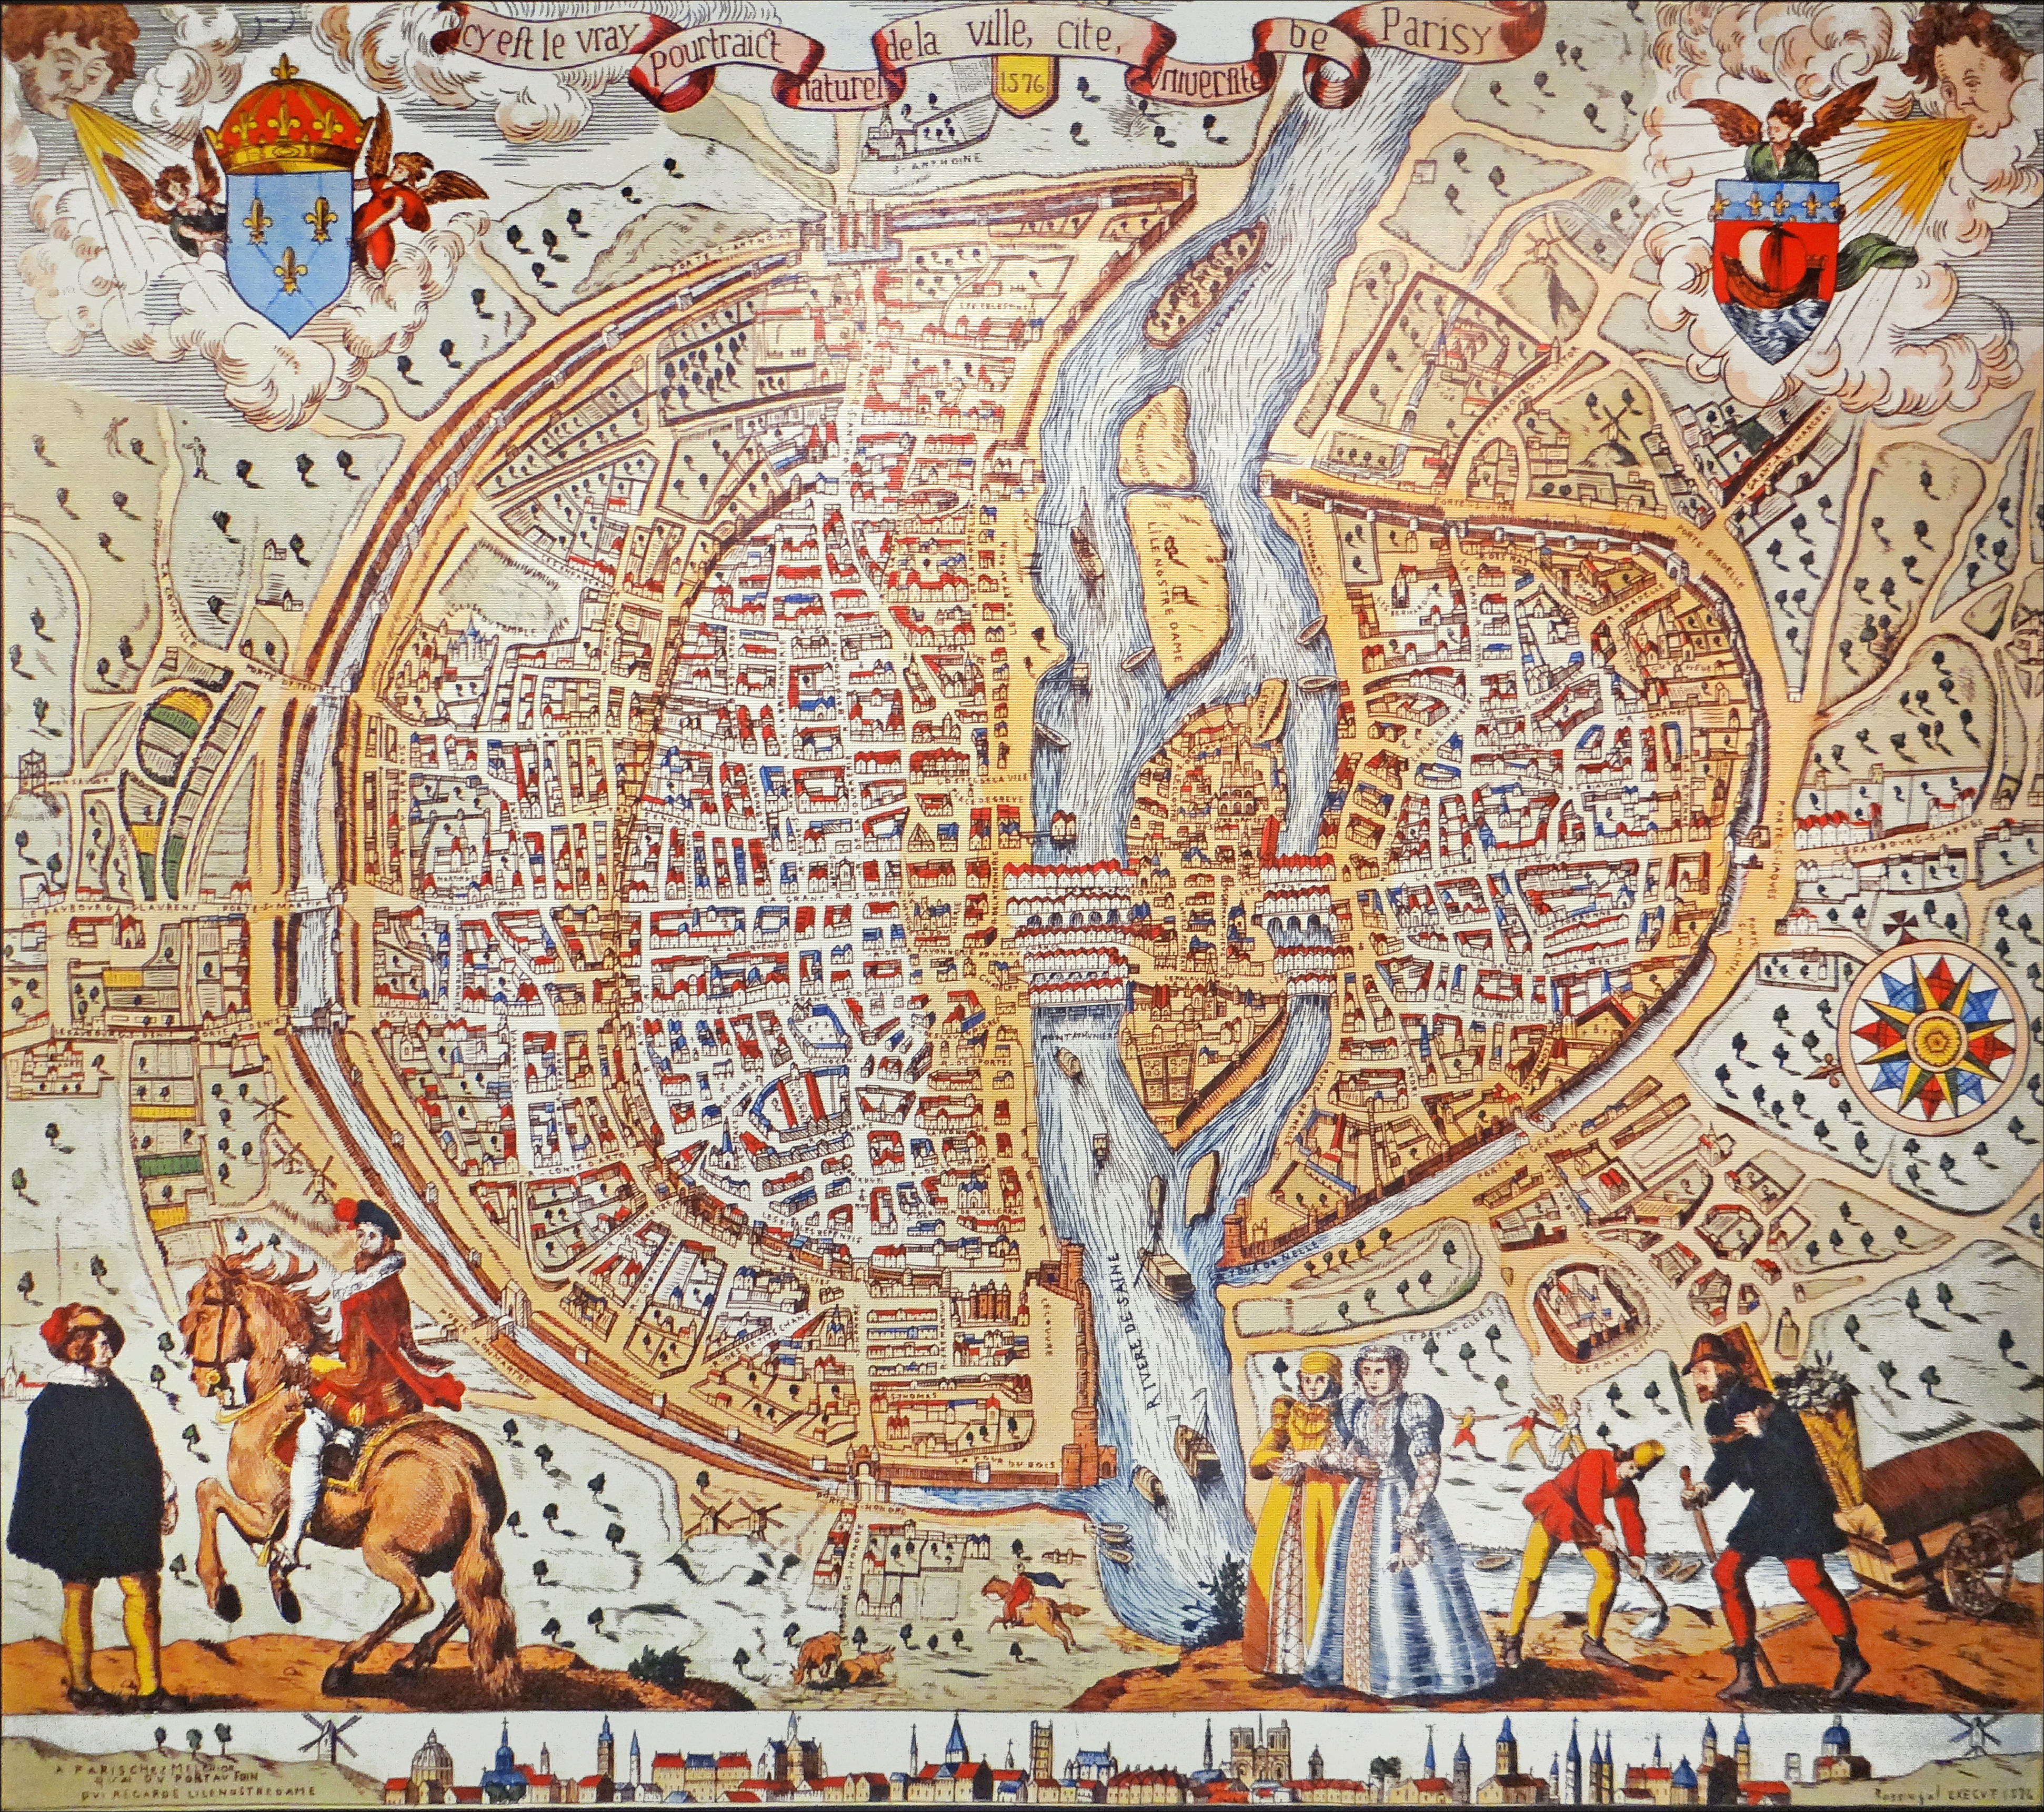 File:La ville de Paris en 1576, musée Carnavalet.jpg